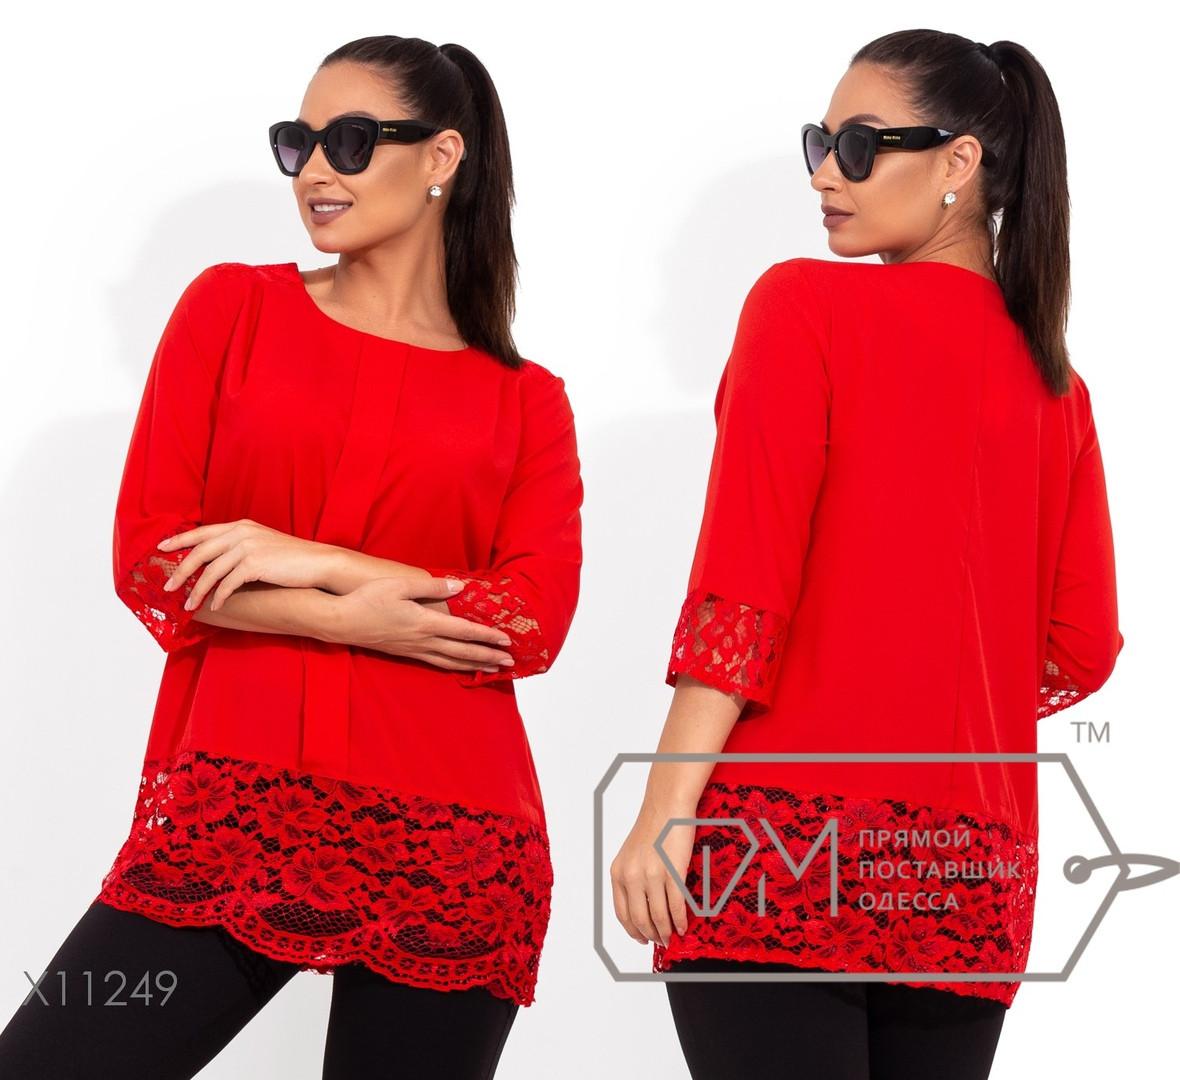 Нарядная блуза с рукавами 3/4 в большом размере размеры 50, 52, 54, 56-58, 60-62